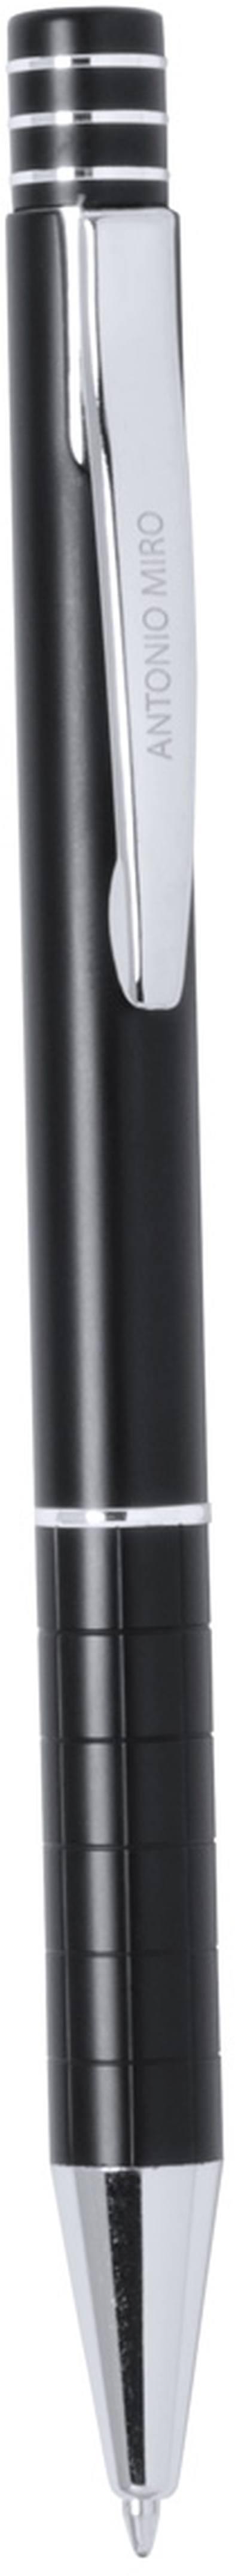 Samber kuličkové pero